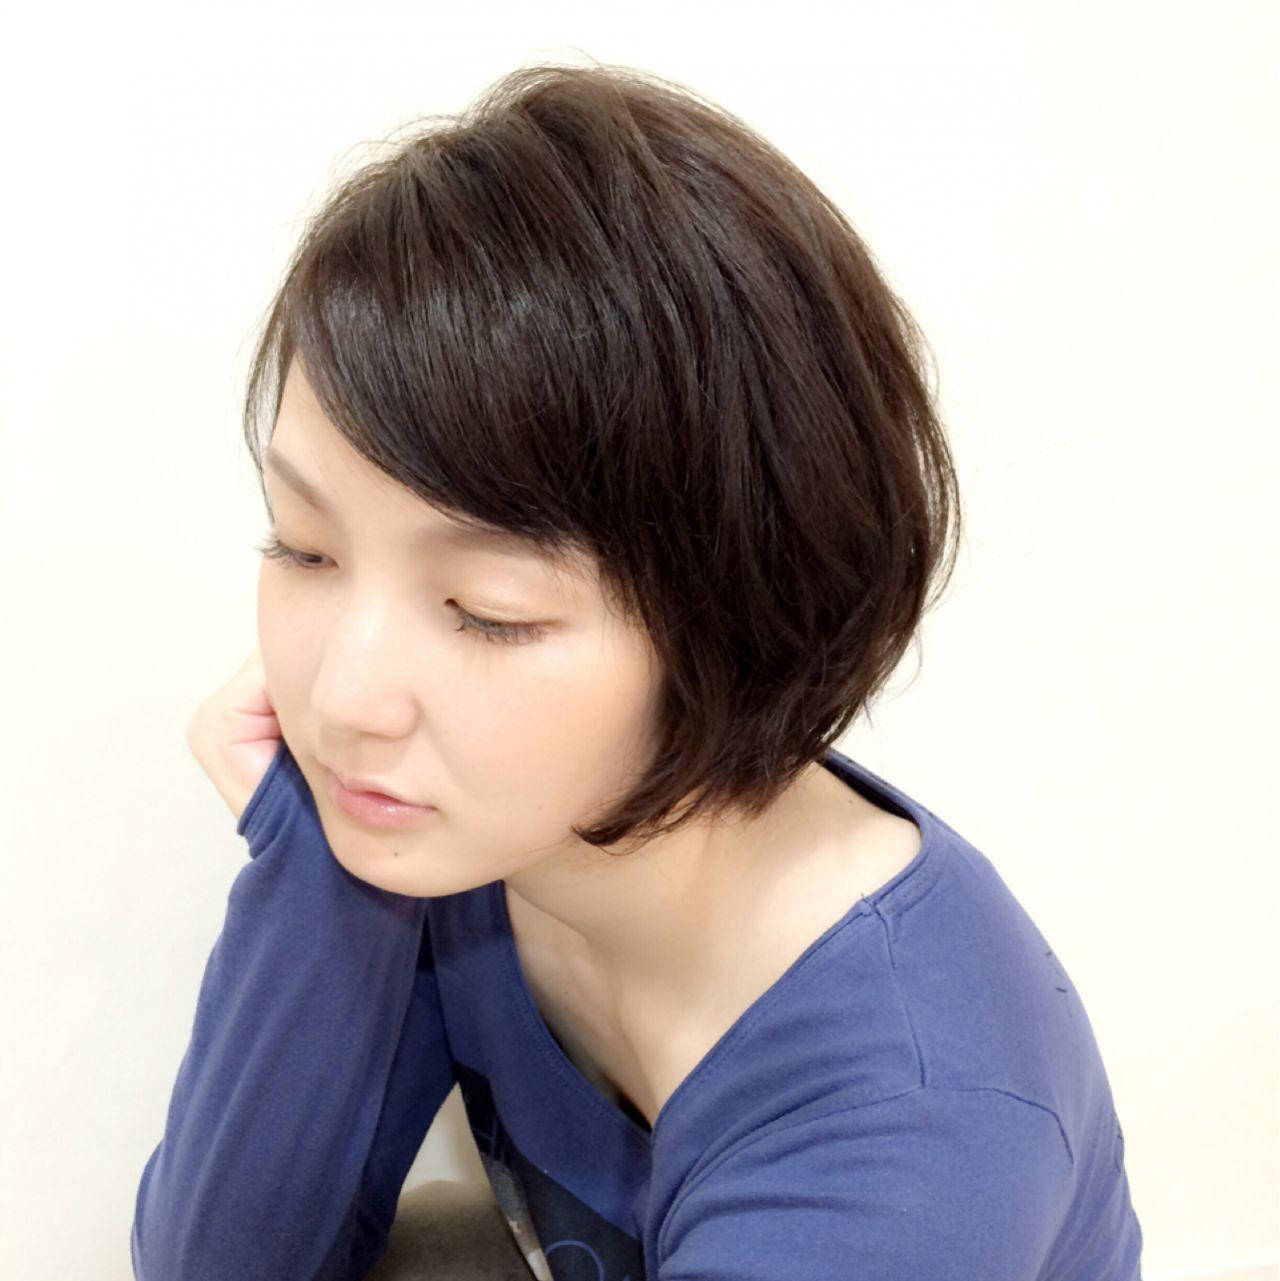 好印象美人になれる♪黒髪ショートのヘアスタイル集 梨紗 美濃部